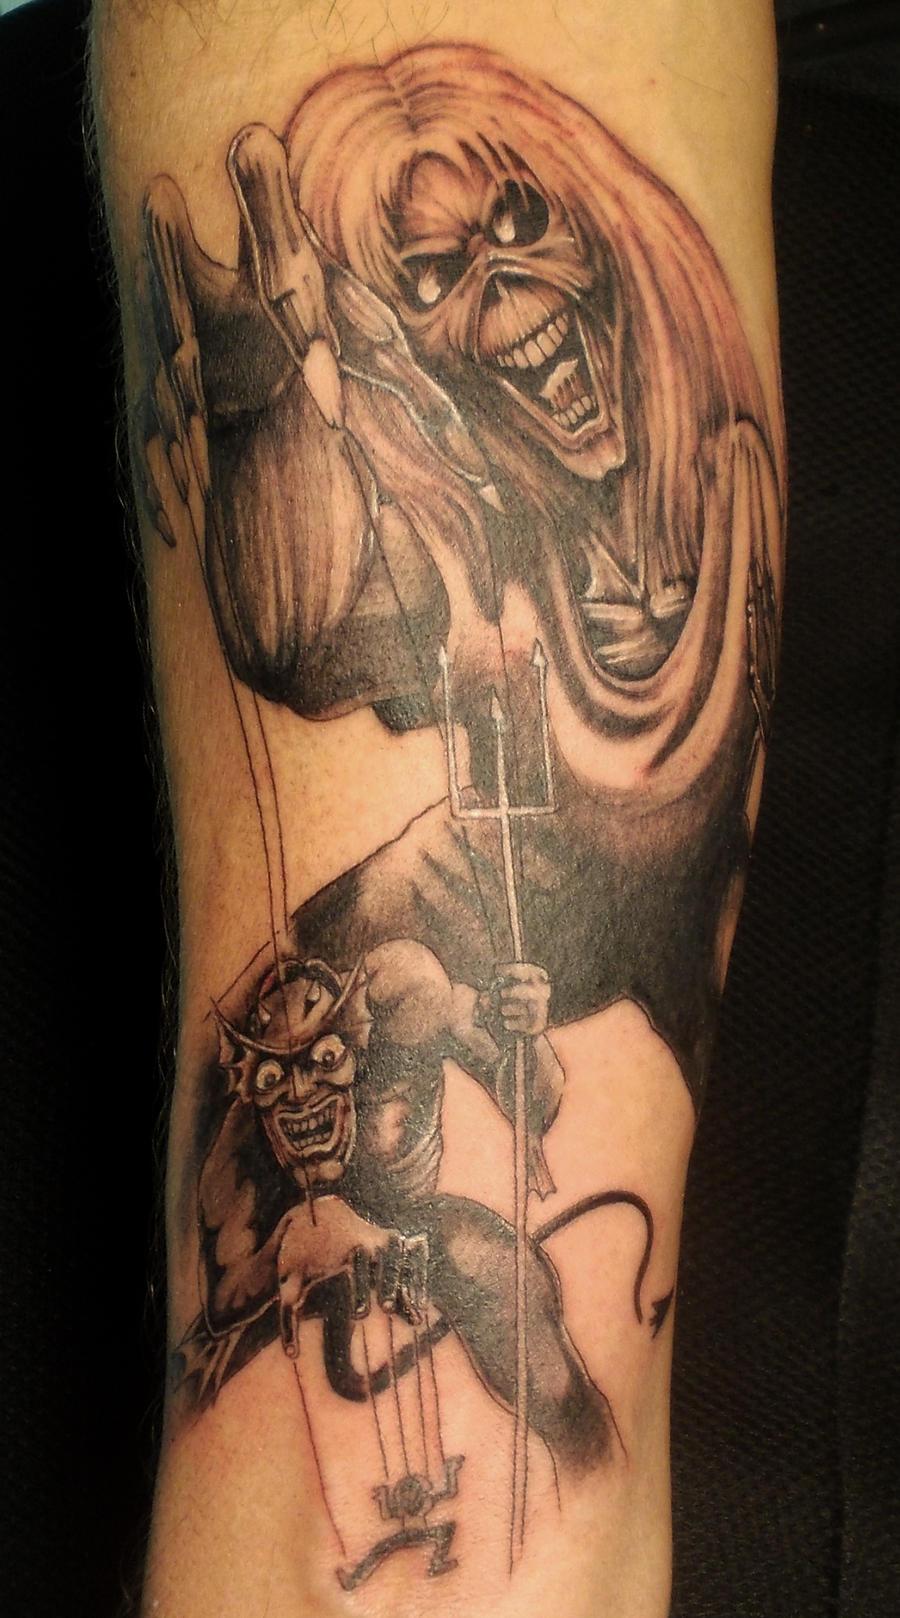 666 tattoo by Inkstruktor on DeviantArt: inkstruktor.deviantart.com/art/666-tattoo-349305350